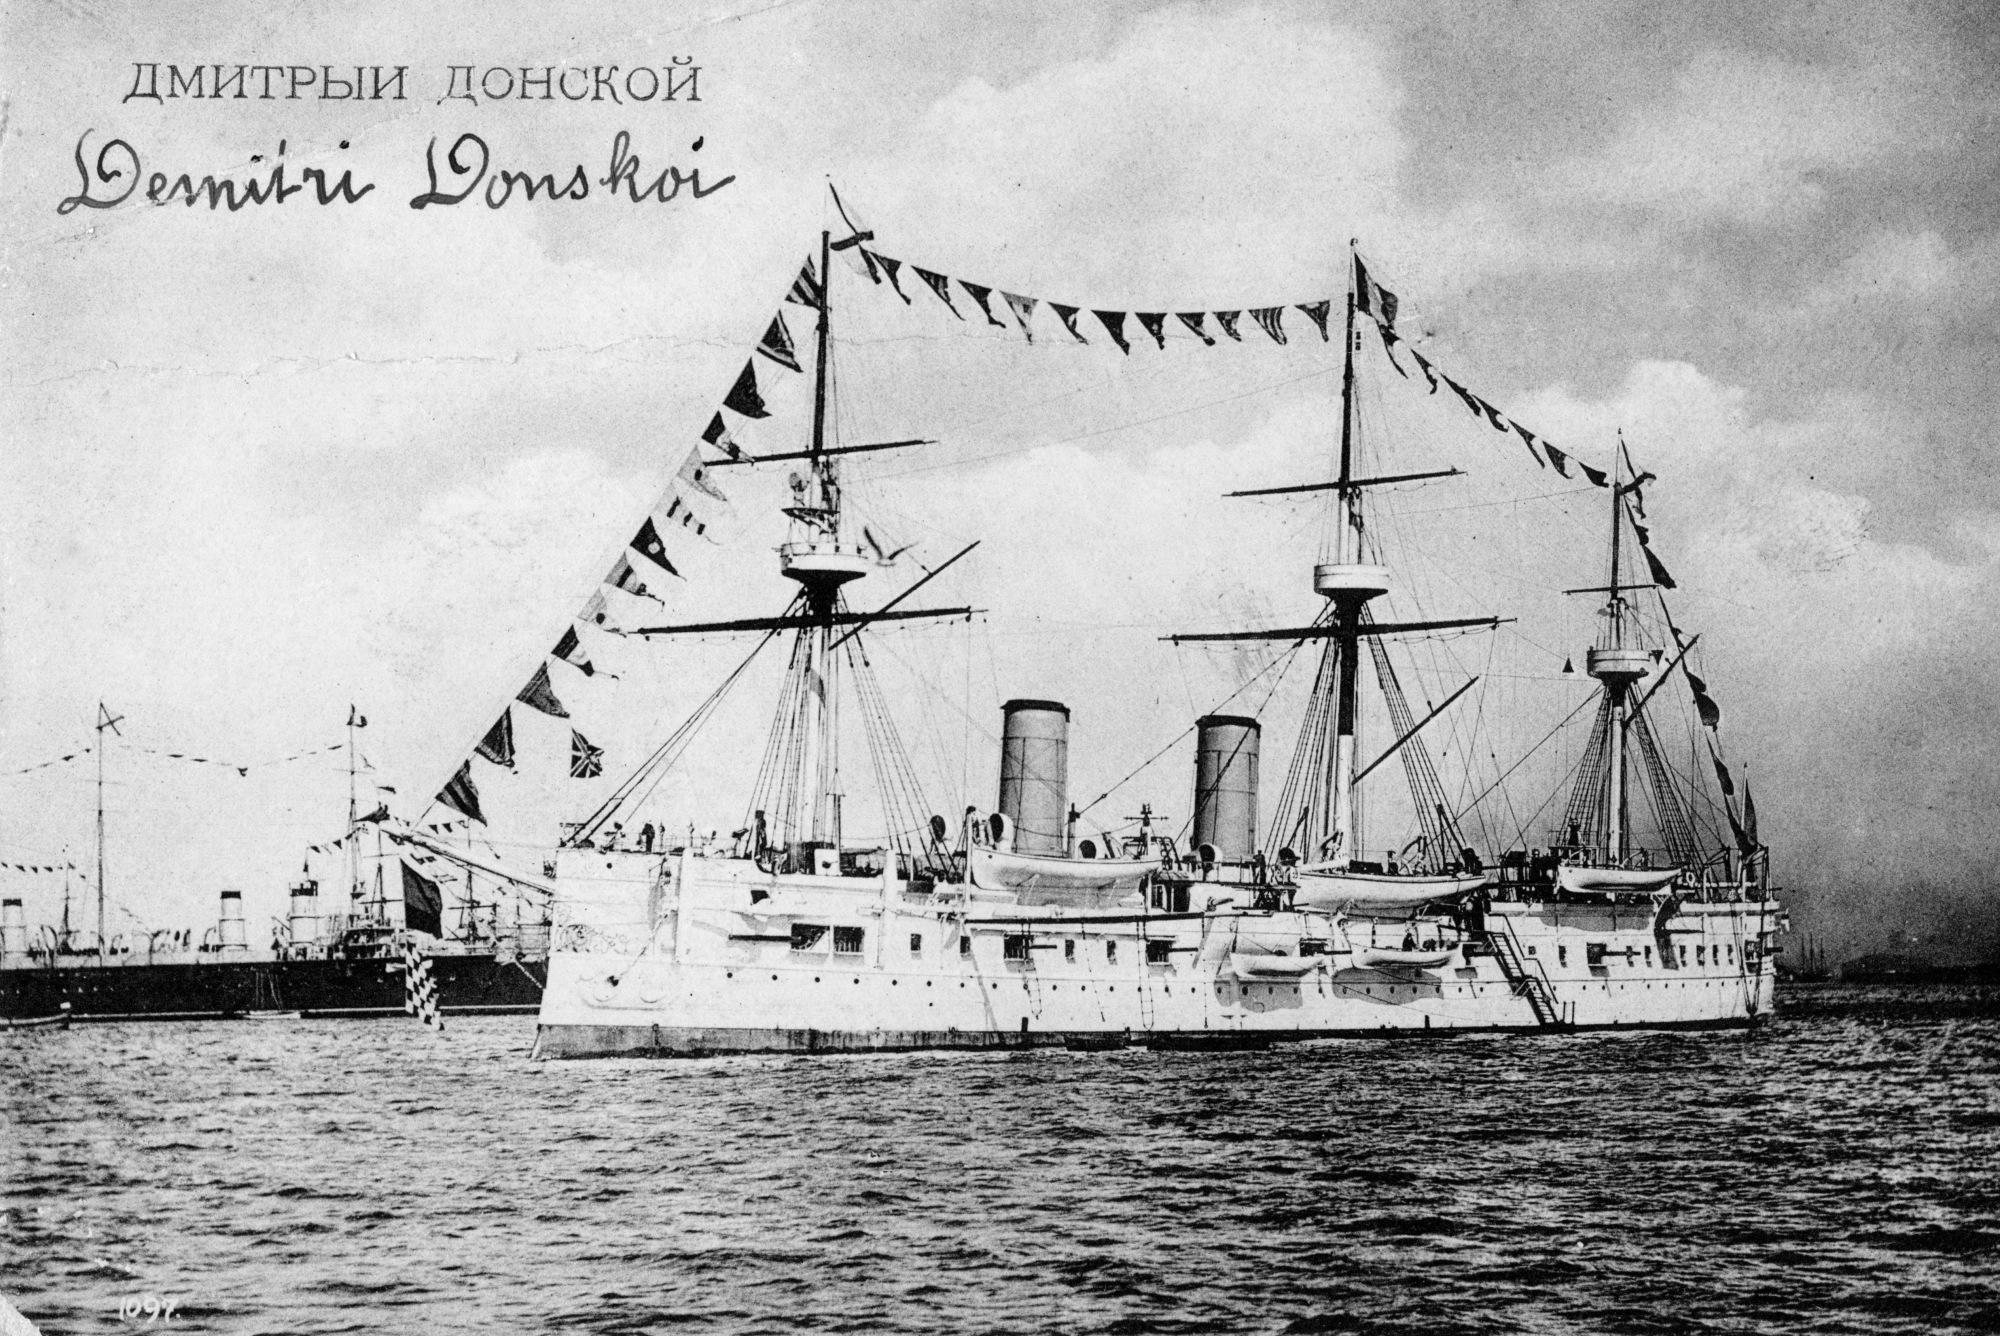 藏有200吨黄金的俄罗斯战舰有望重见天日 率先炸锅的